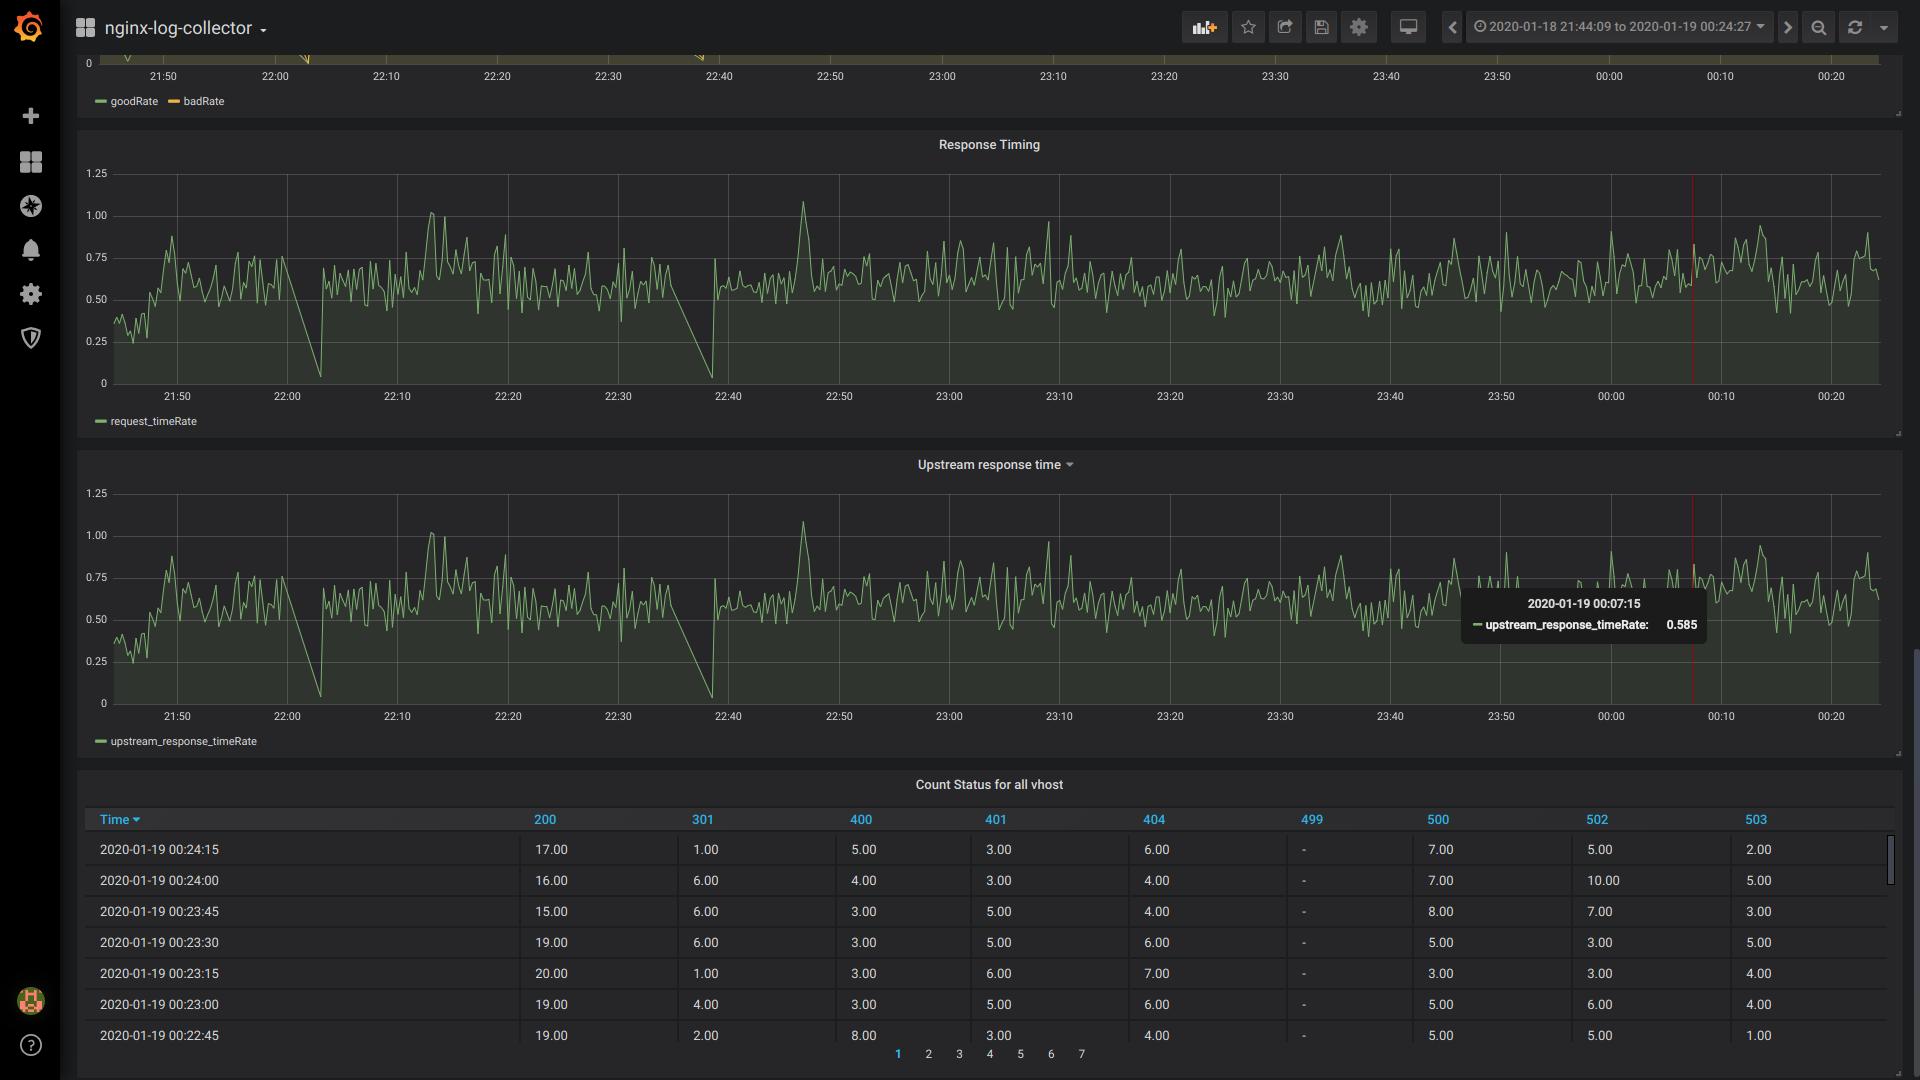 Nginx-log-collector утилита от Авито для отправки логов nginx в Clickhouse - 13